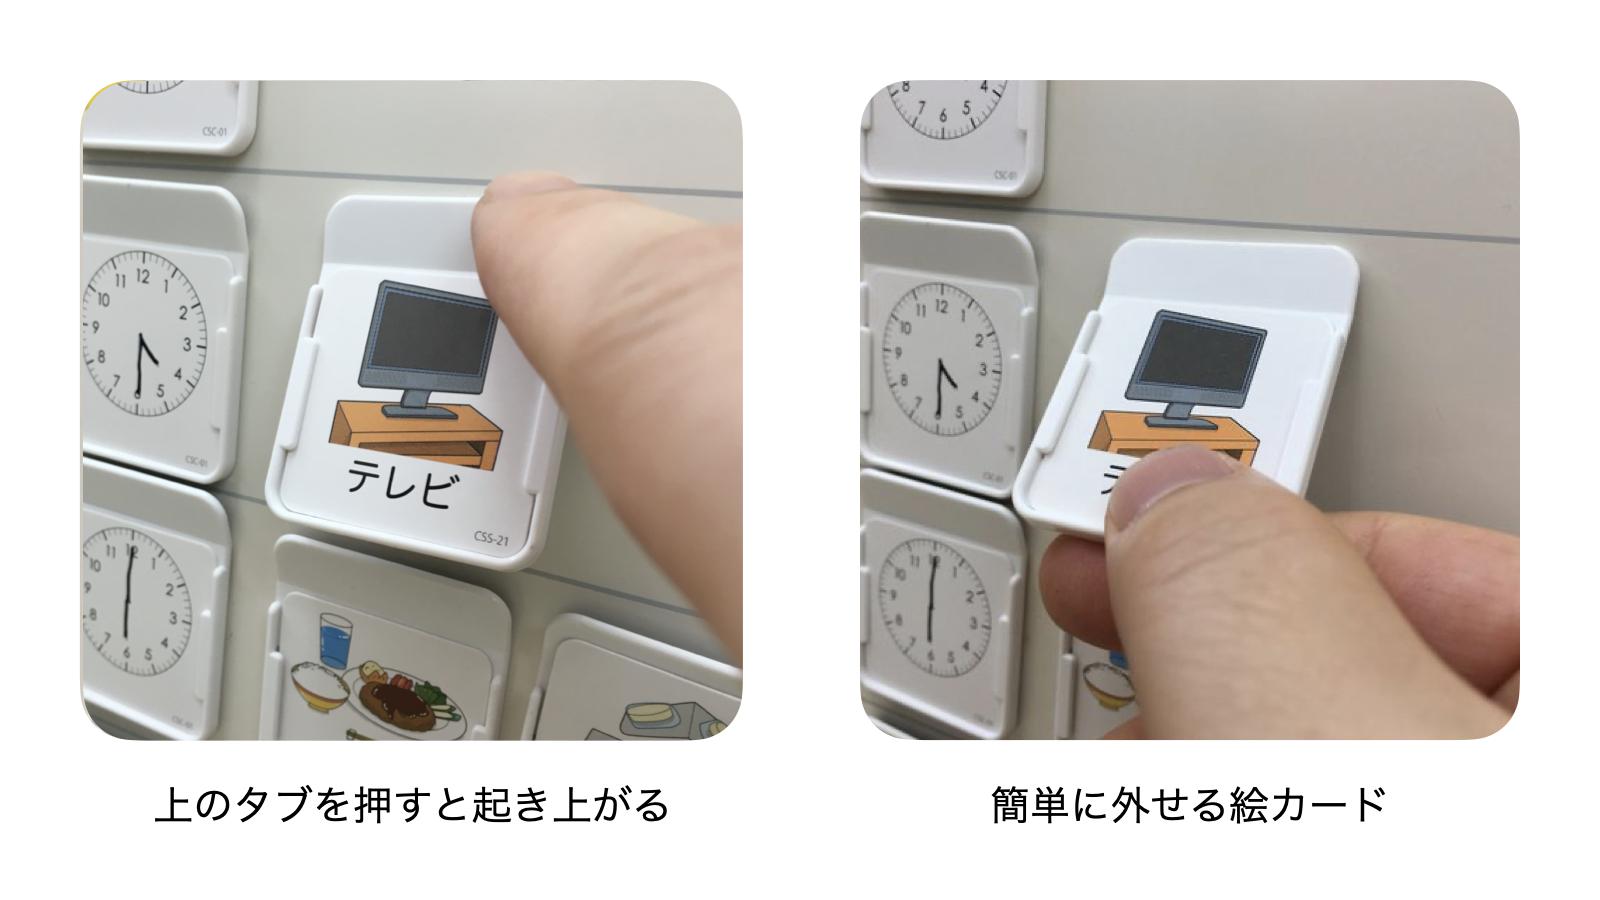 カードフォルダー:上のタブを押すと起き上がり、簡単に外せる